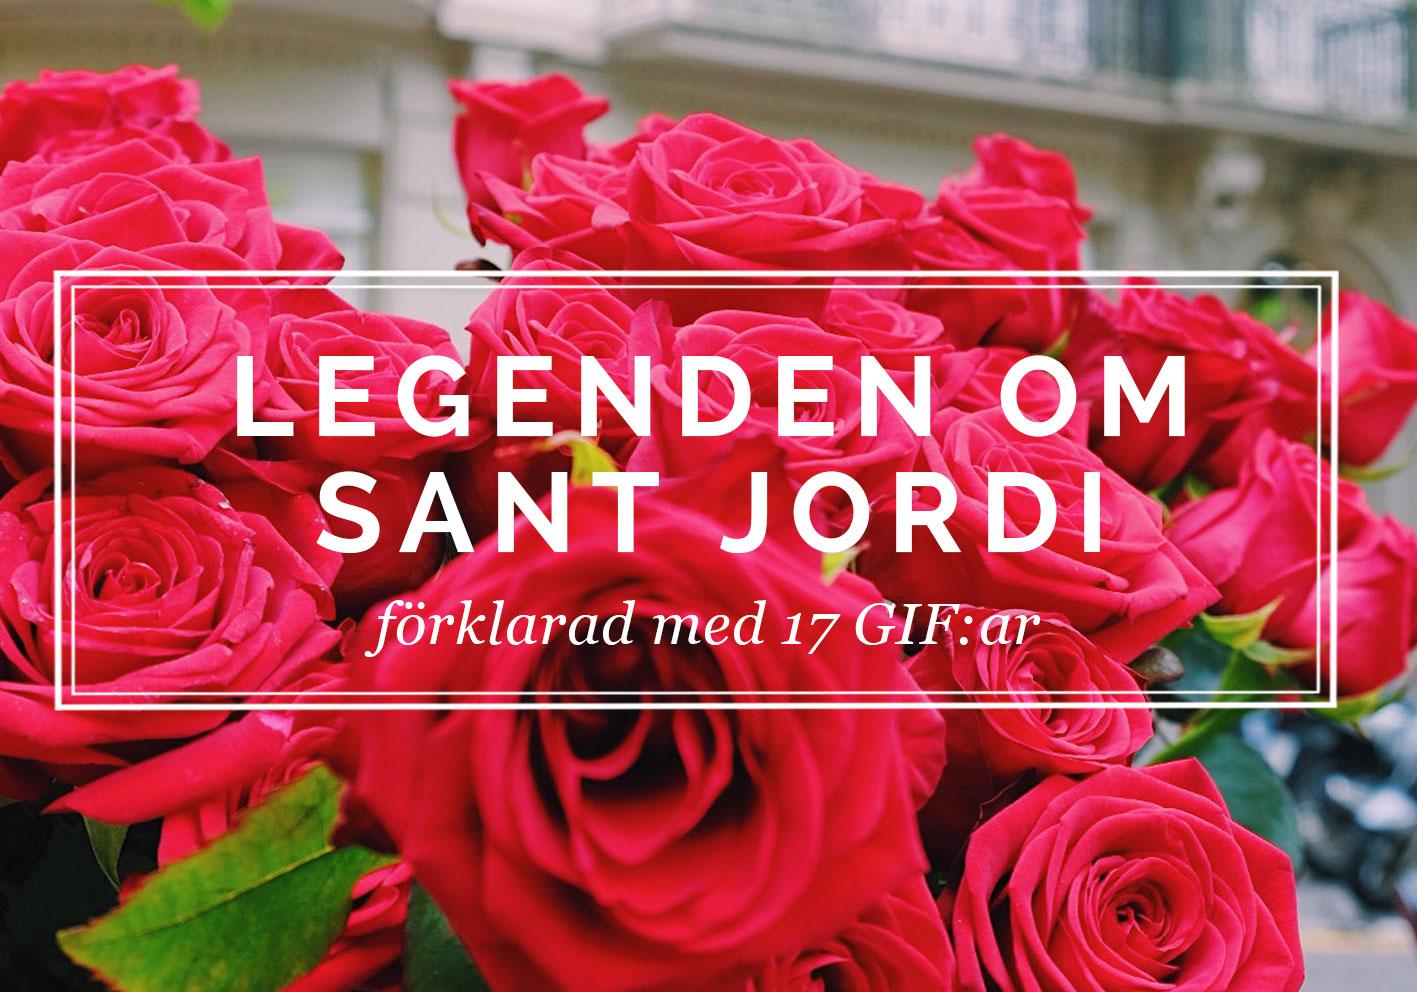 Legenden om Sant Jordi förklarad med gif:ar